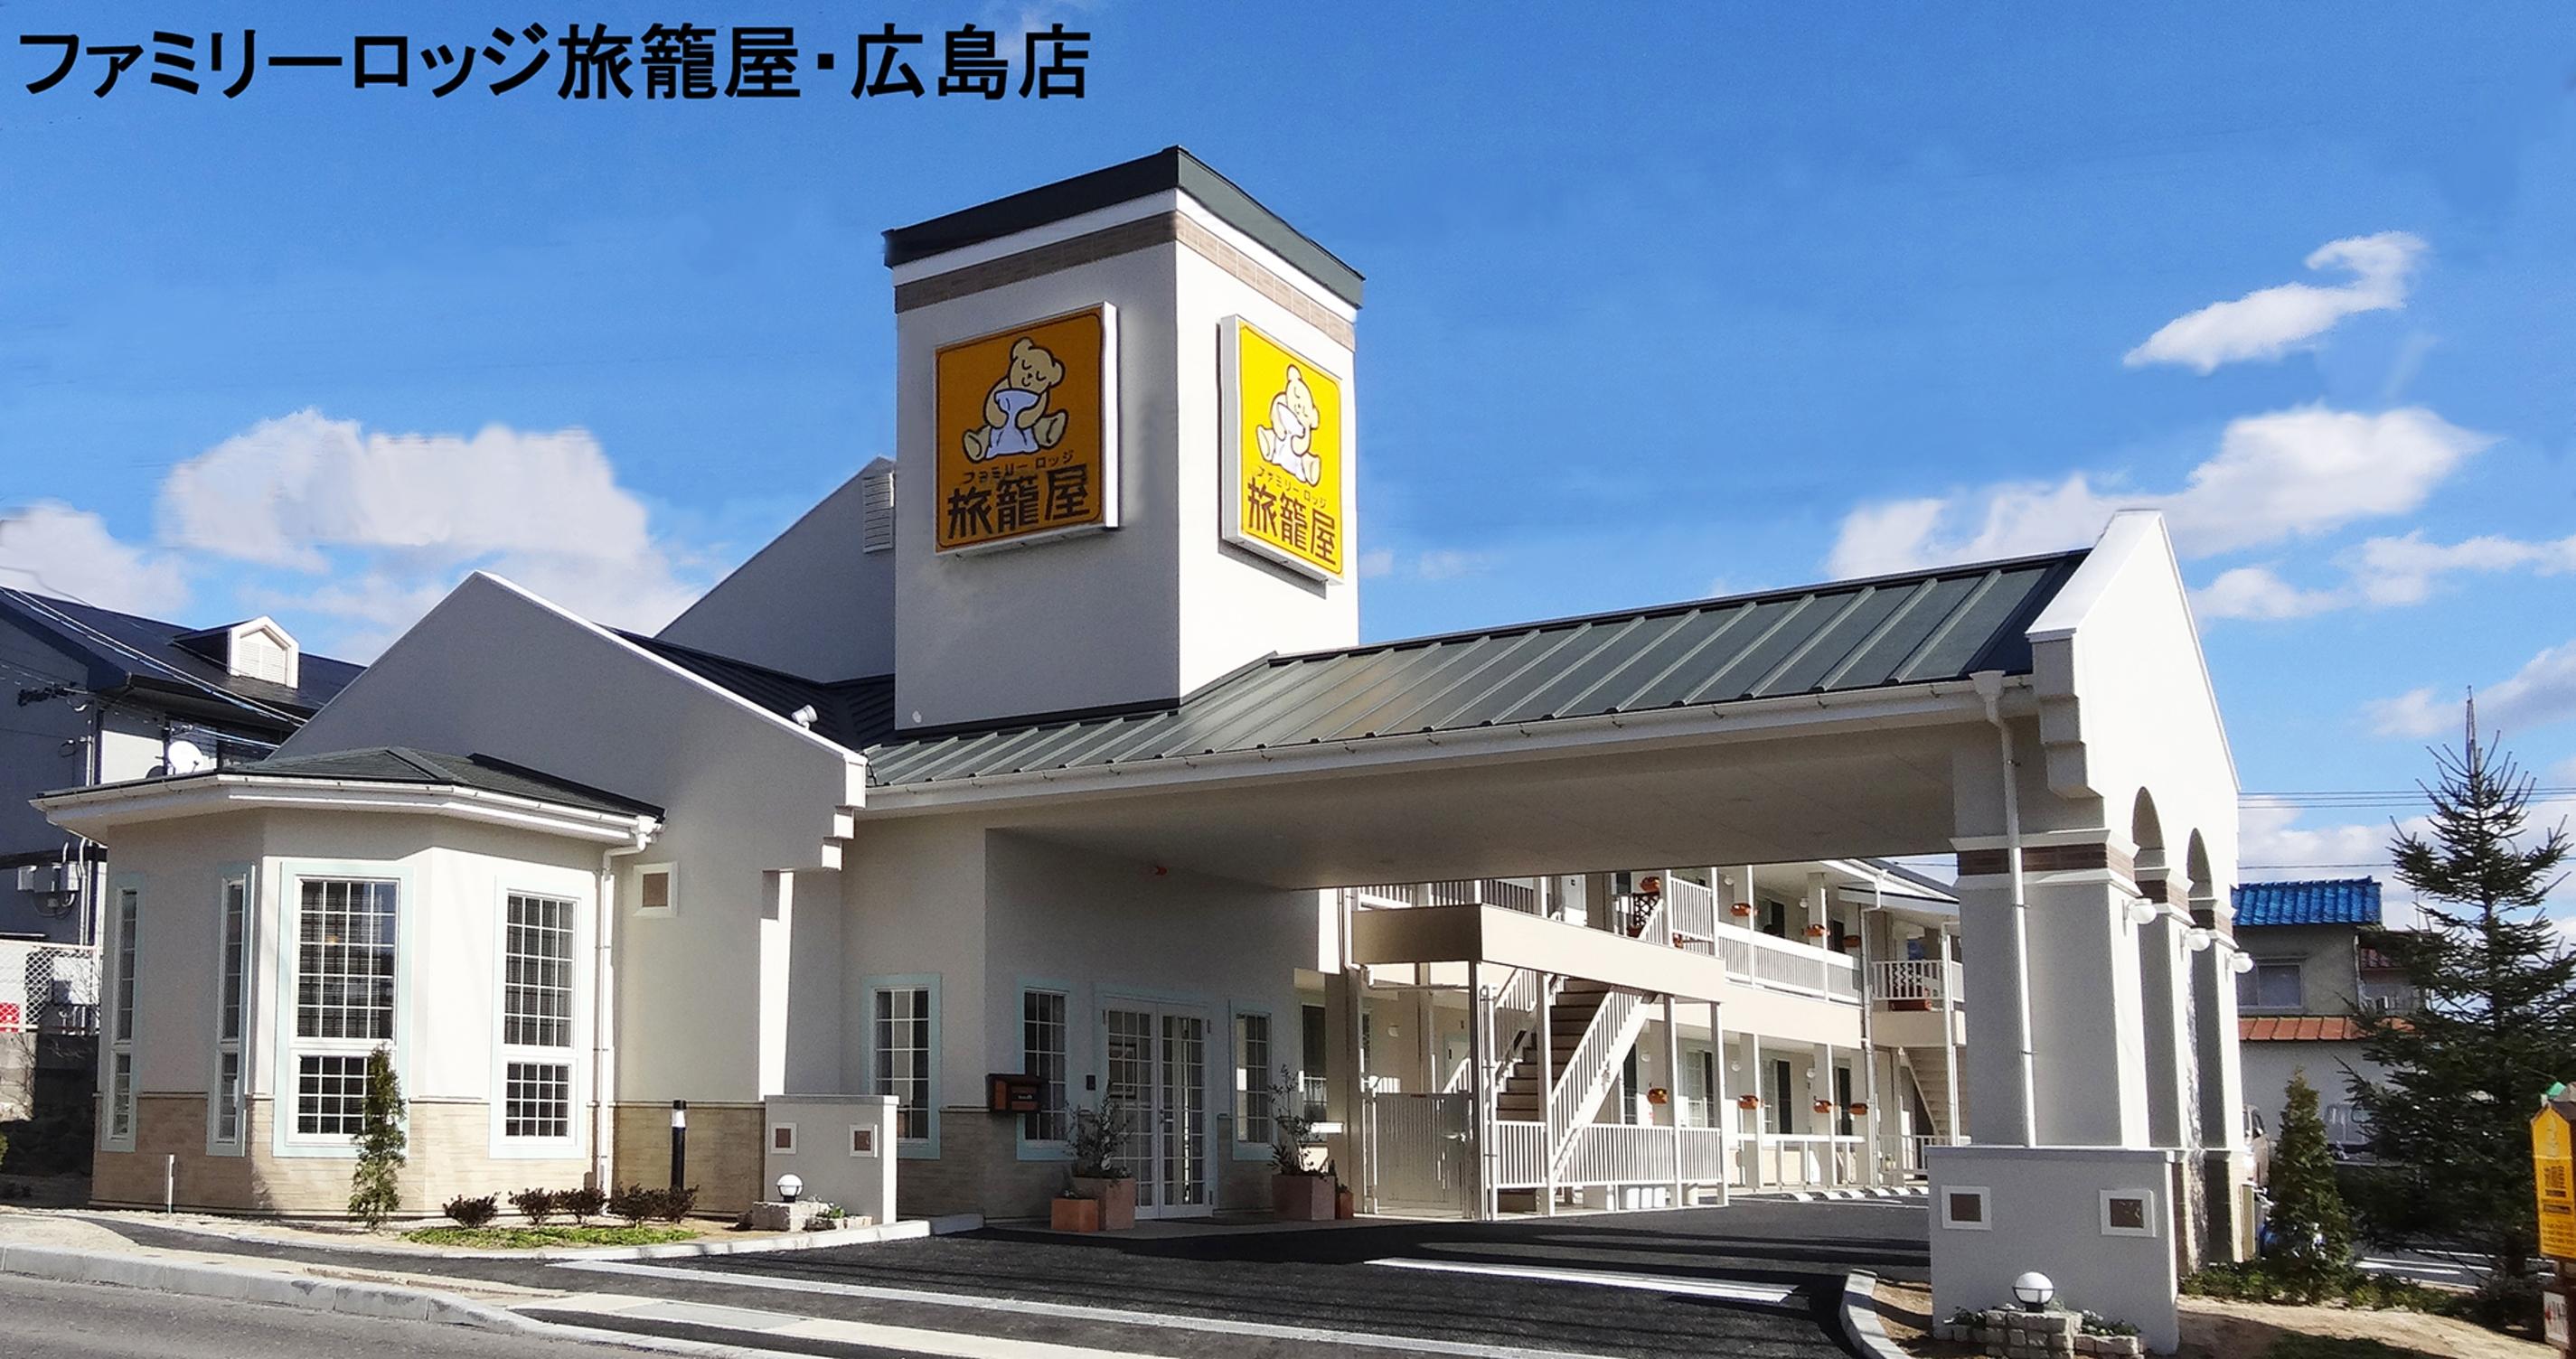 屋 旅籠 【公式サイト】Gotoトラベル対象施設 山中湖の旅籠